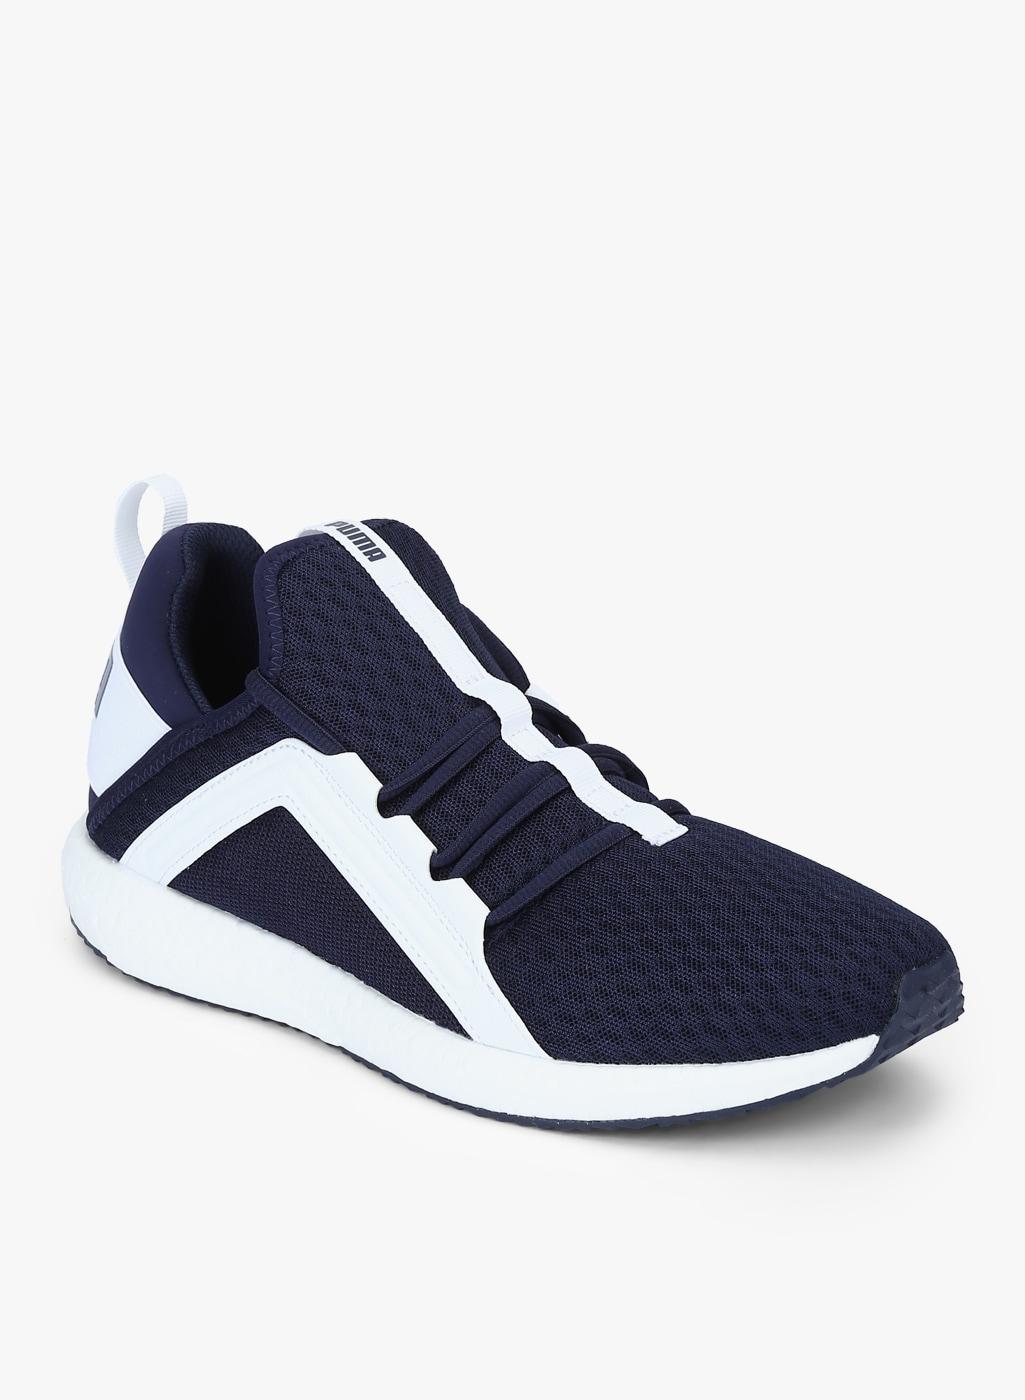 Puma Running Shoes  8cb59098f